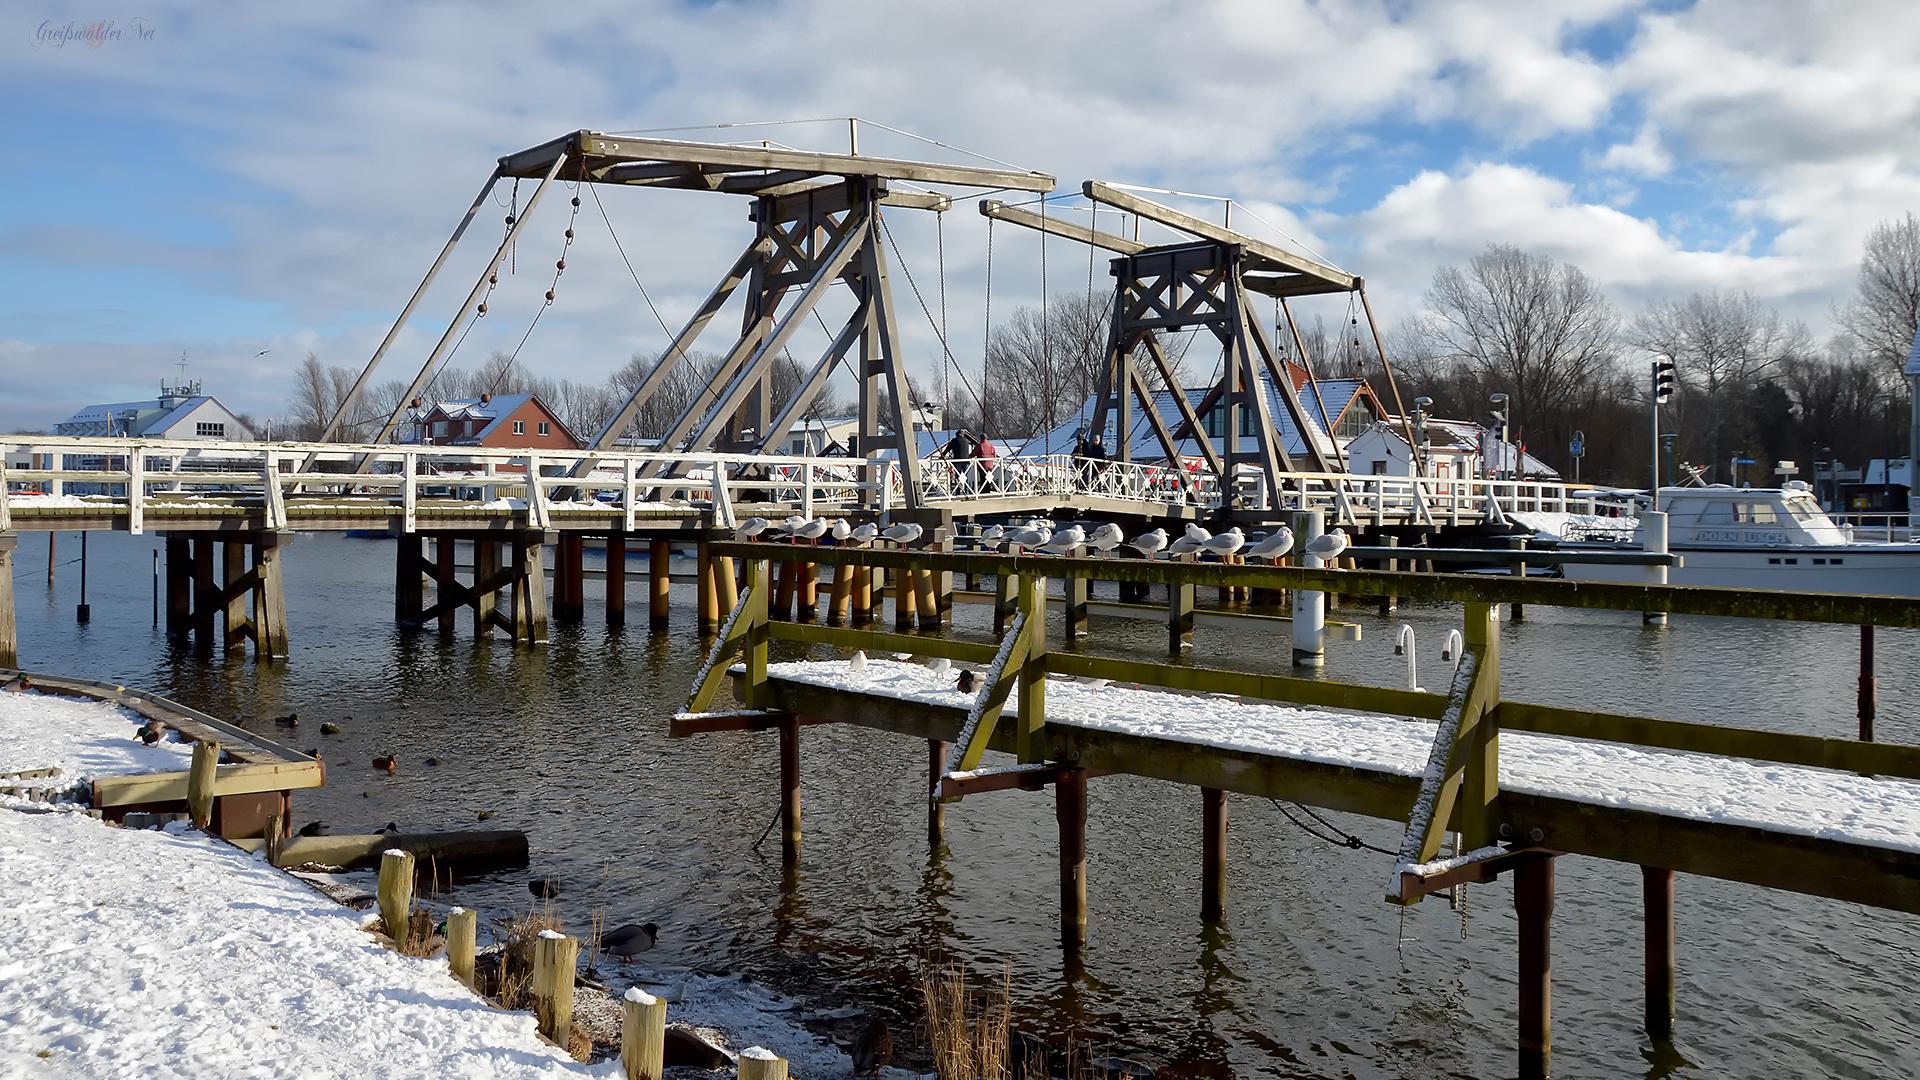 Wintersonntag an der Holzklappbrücke in Greifswald-Wieck